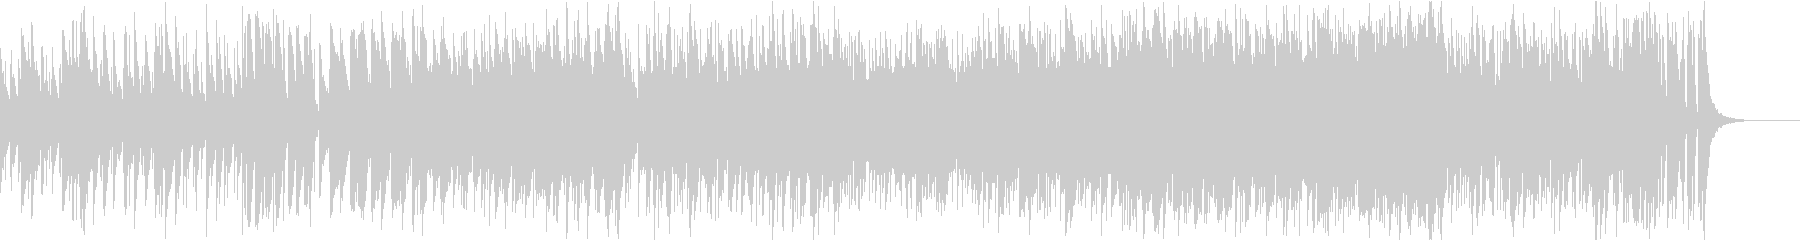 ボサノヴァ(ボサノバ)フルート v01の未再生の波形